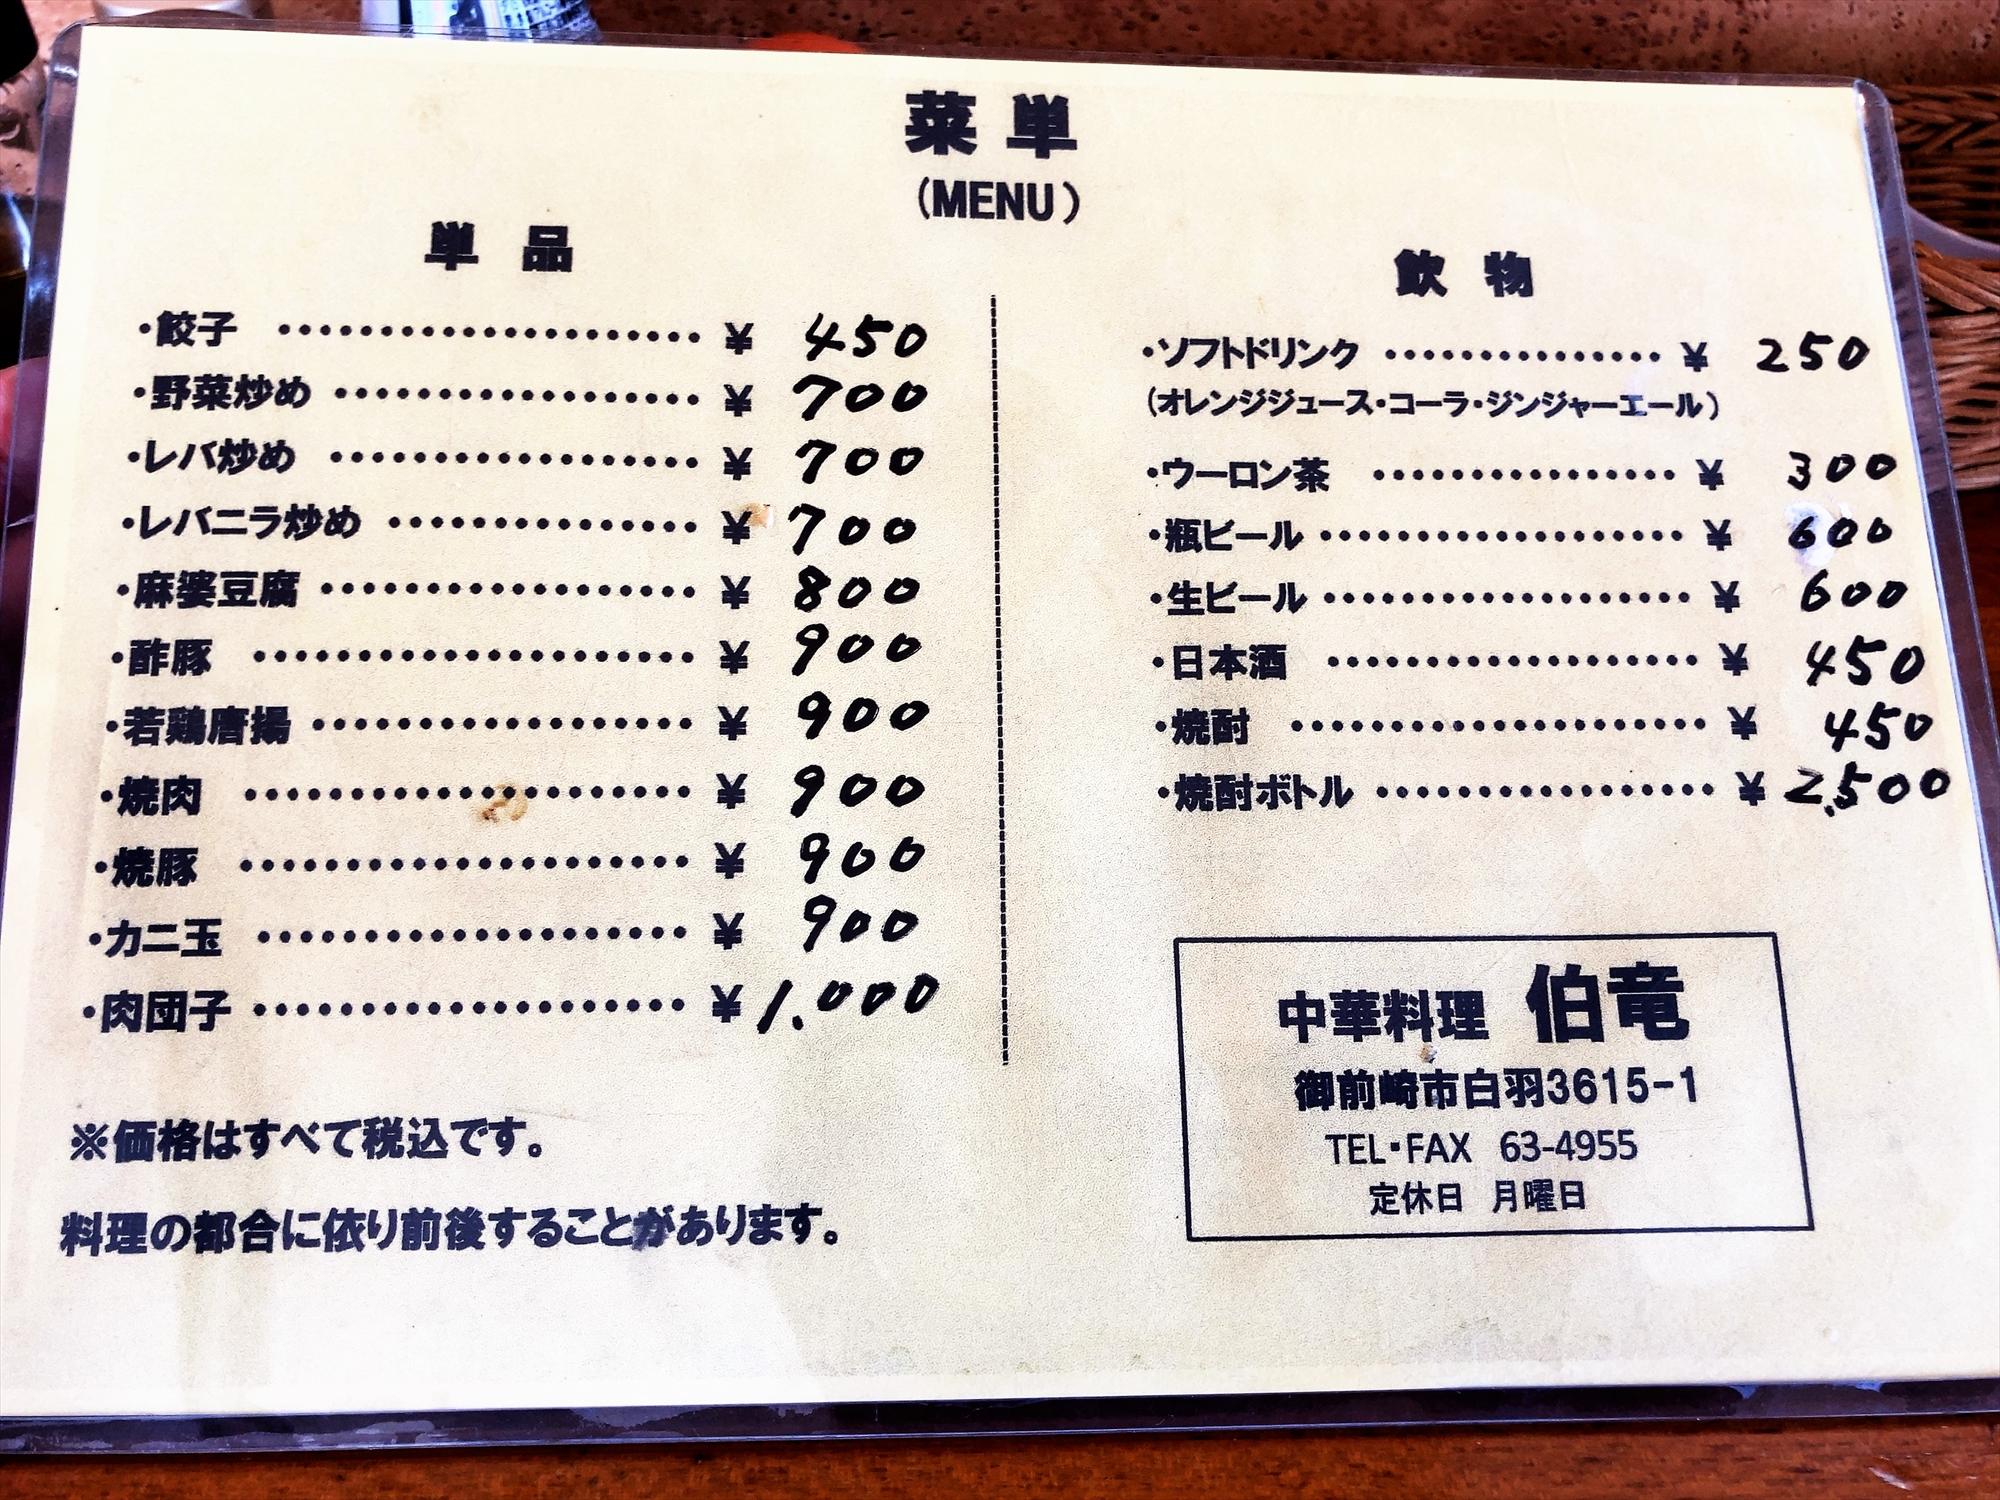 中華料理 伯竜のメニュー